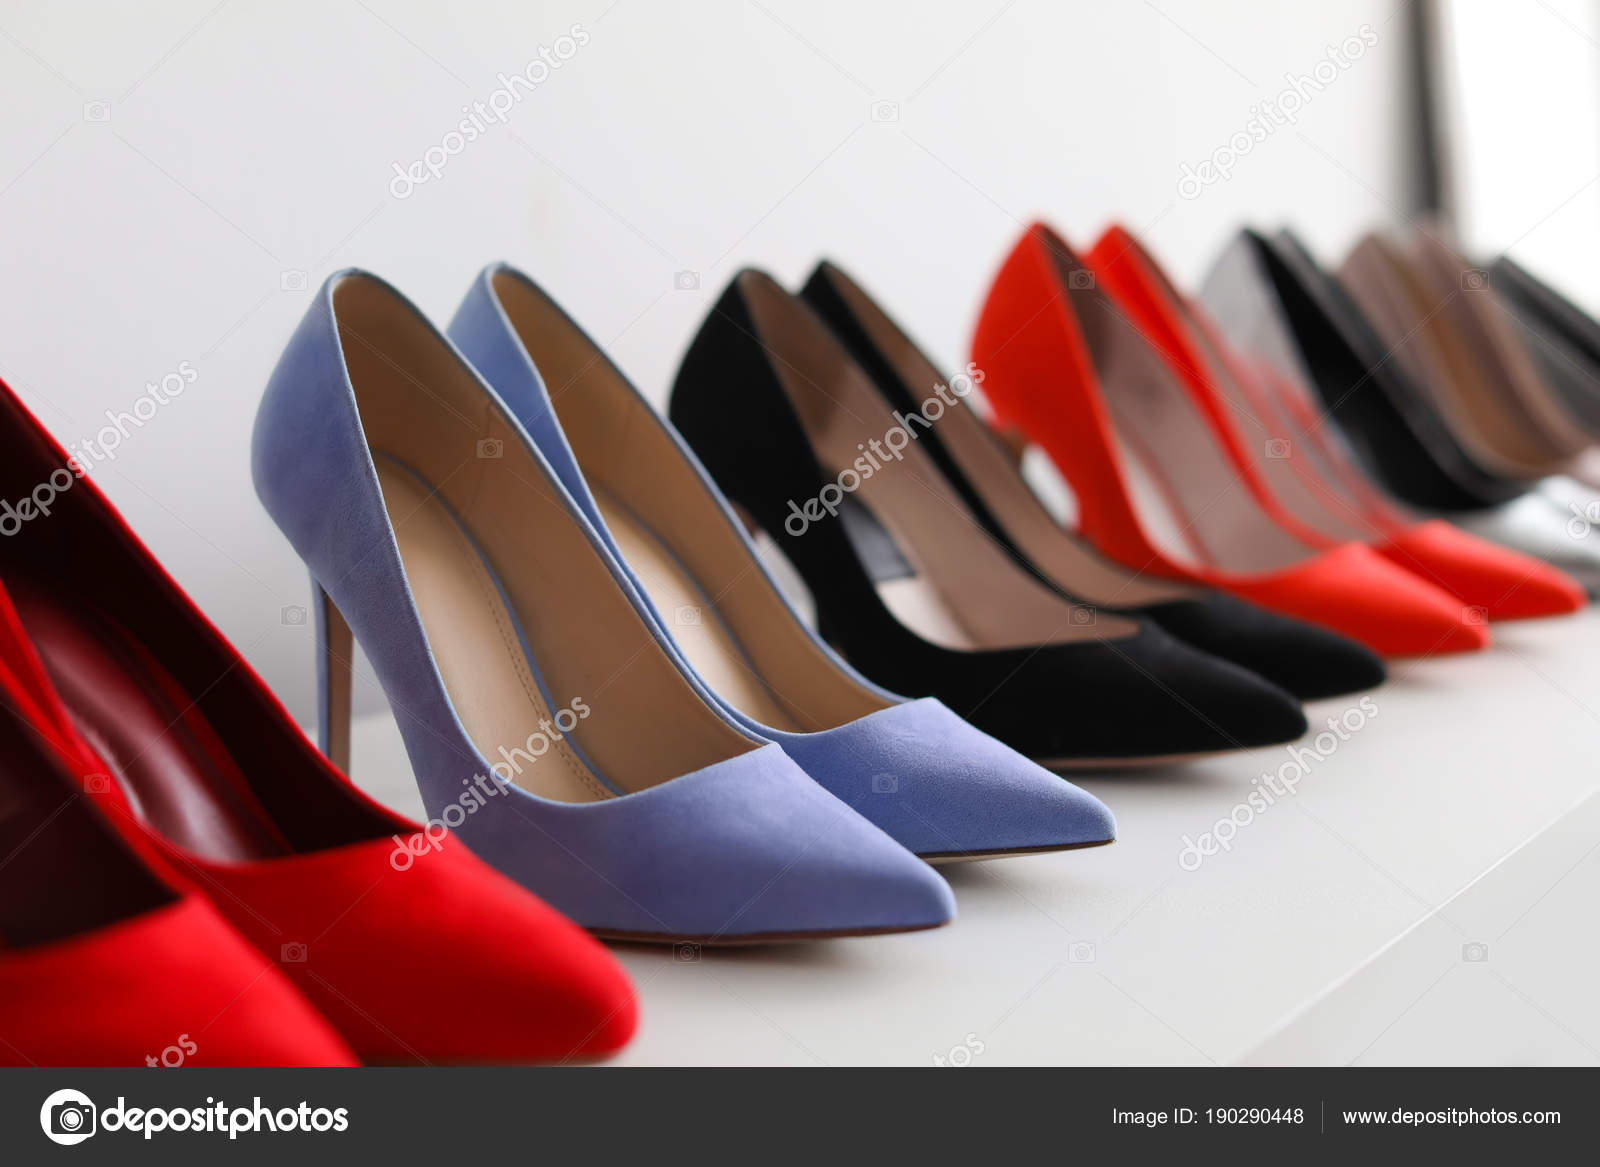 Tacón — De En Estante La Fotos Alto Stock El Zapatos Tienda n0PX8Owk